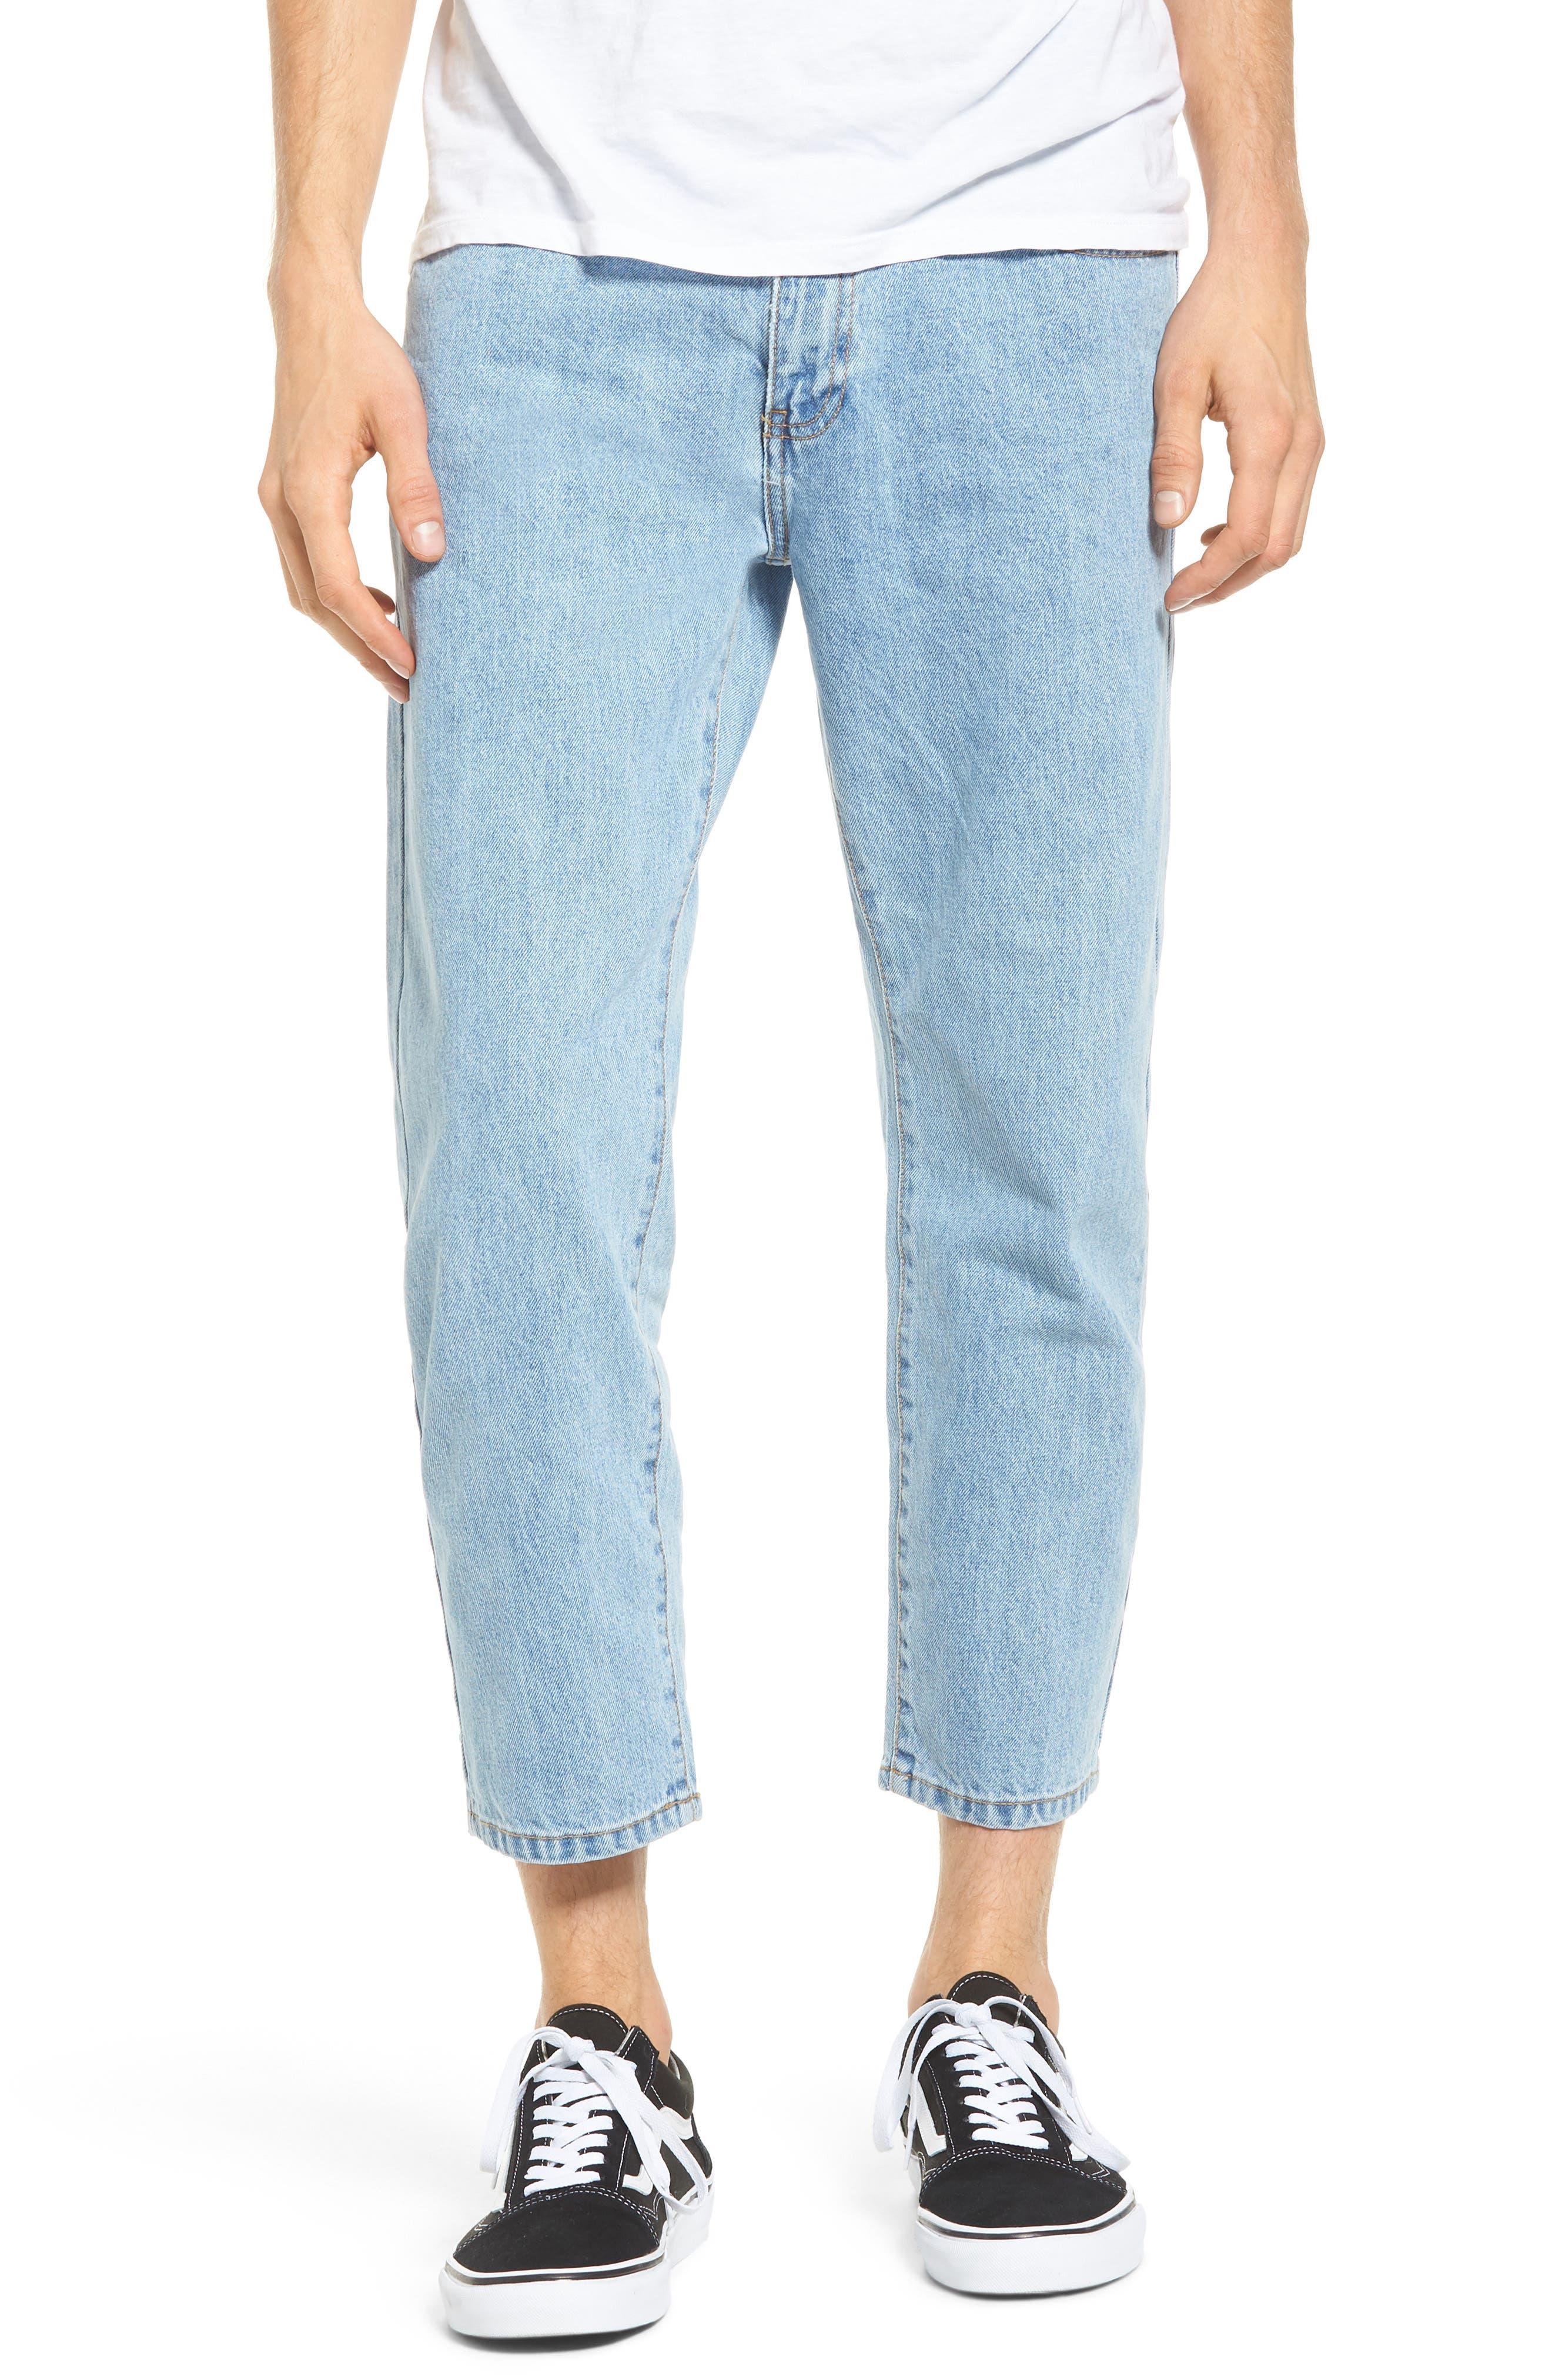 Alternate Image 1 Selected - Dr. Denim Supply Co. Otis Straight Fit Jeans (Light Retro)